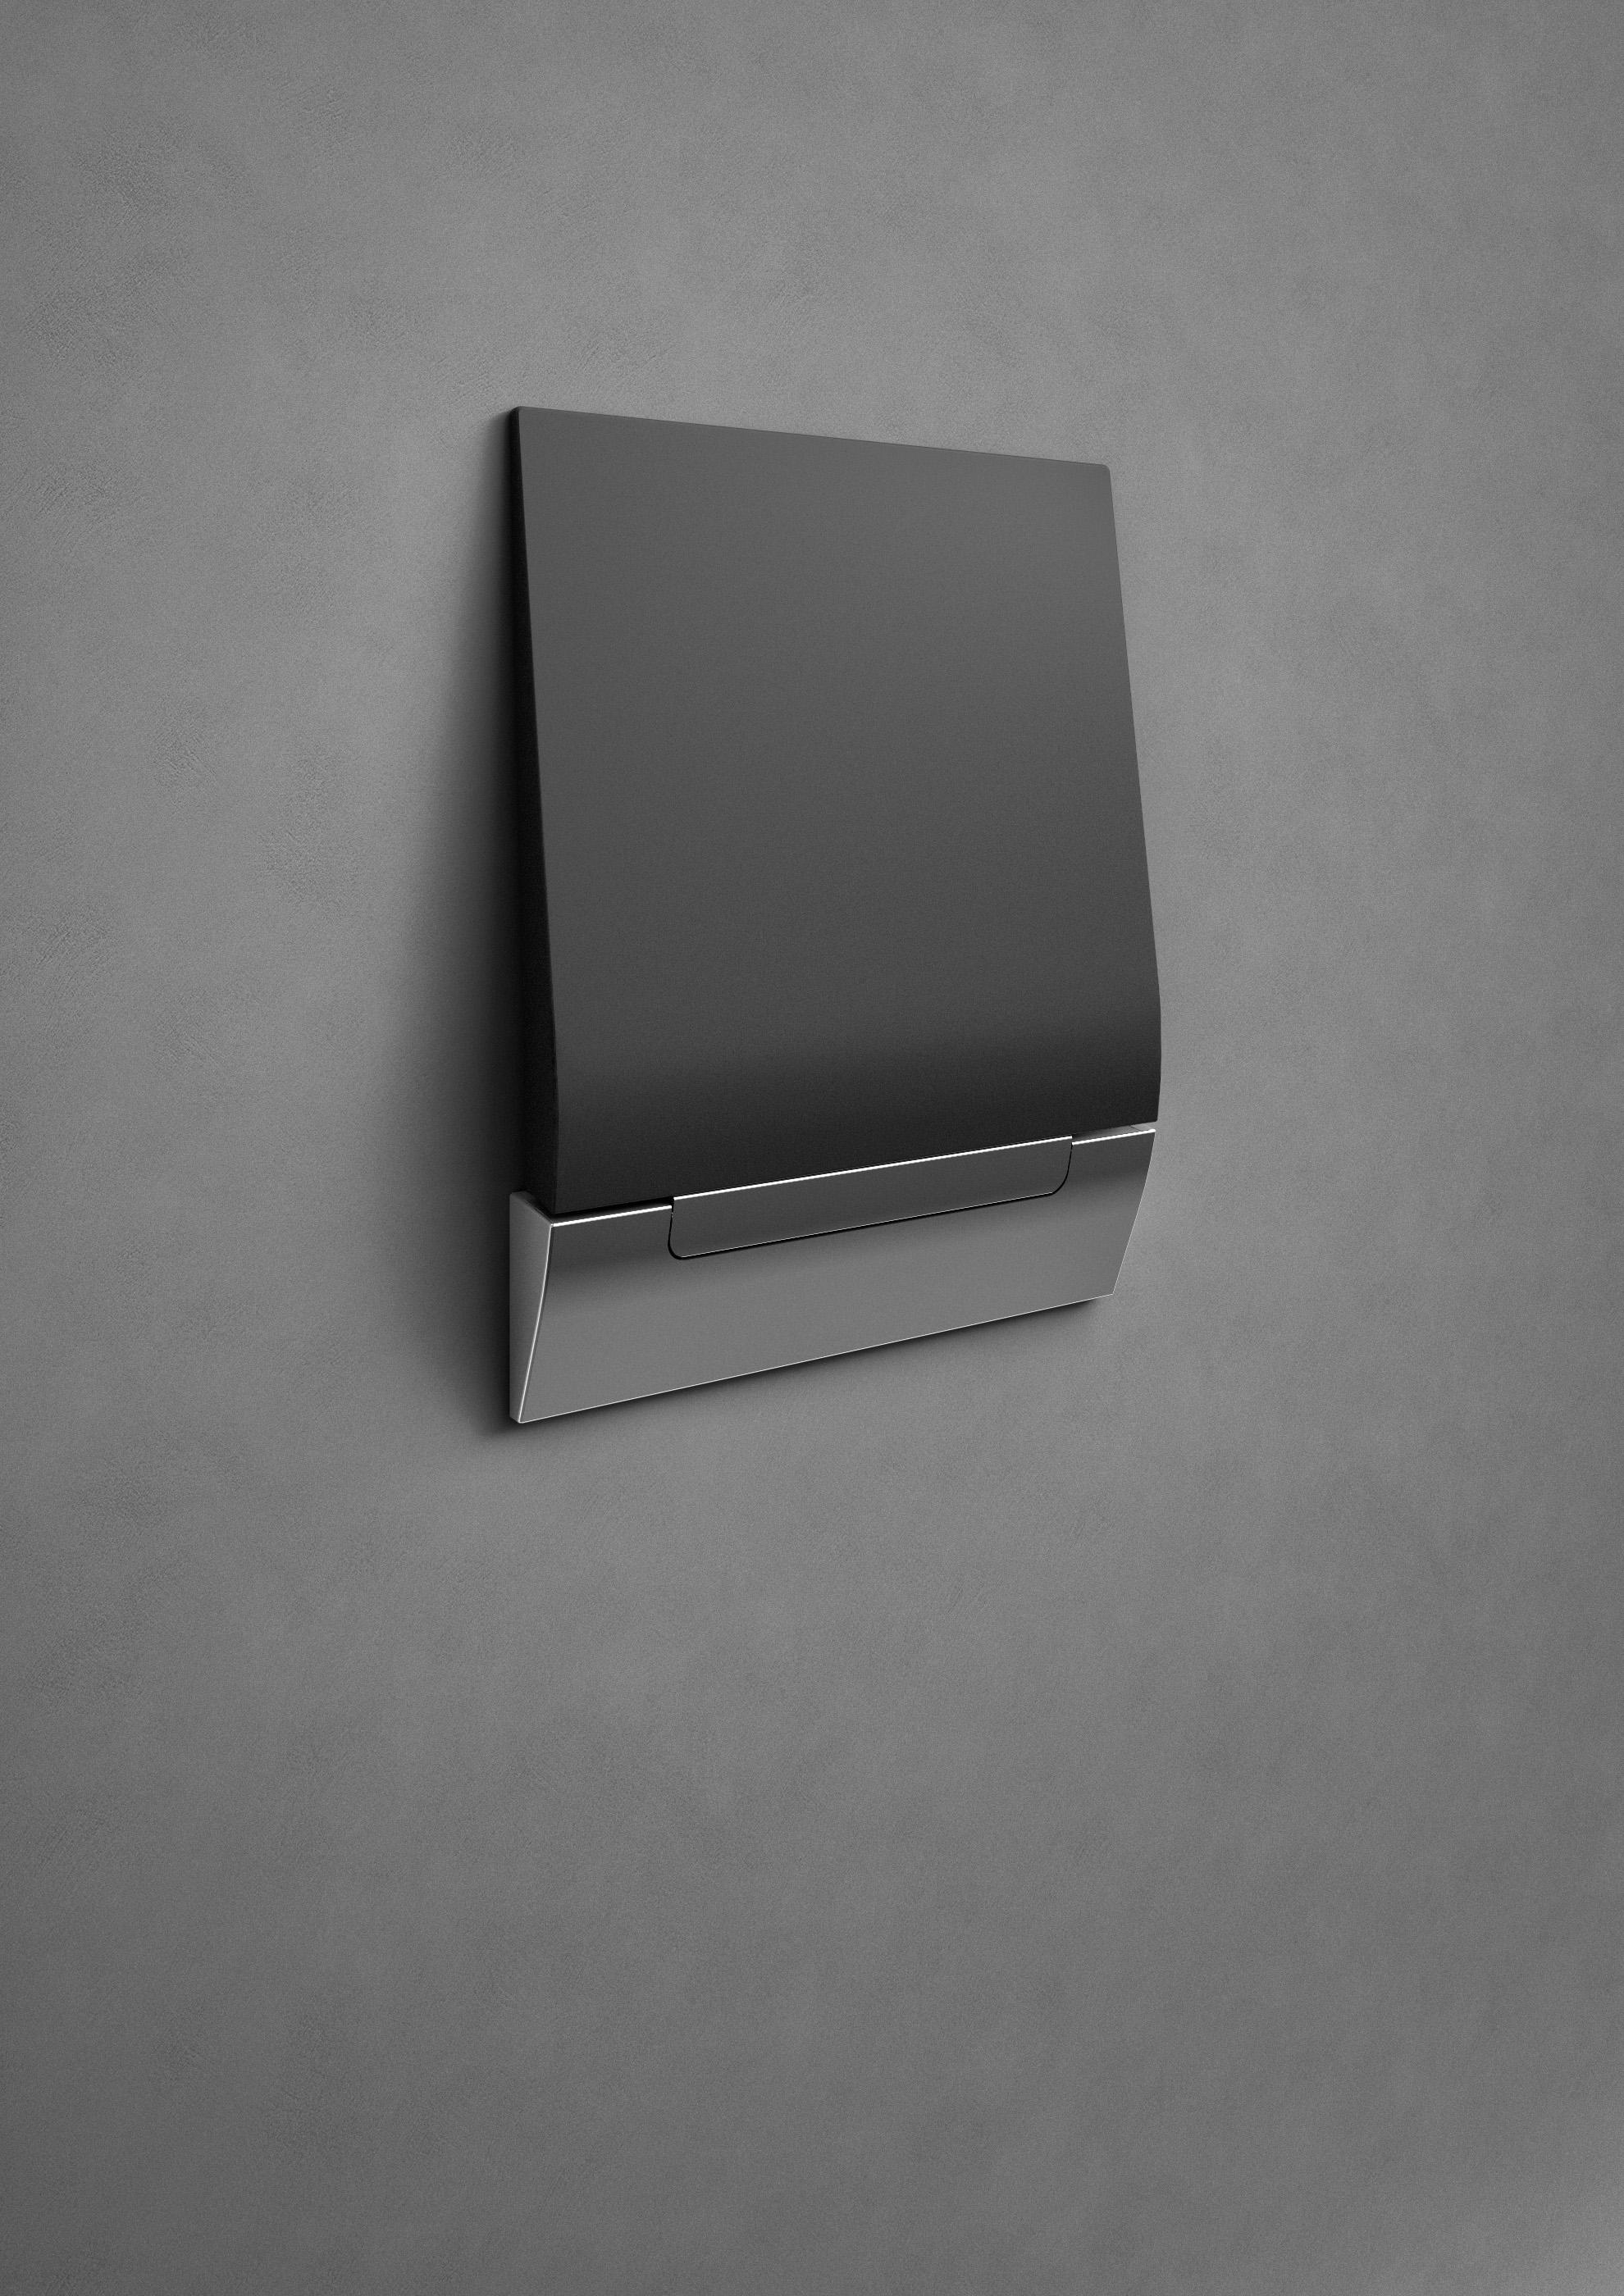 Il sedile doccia ribaltabile di Provex in versione nera, chiuso a parete